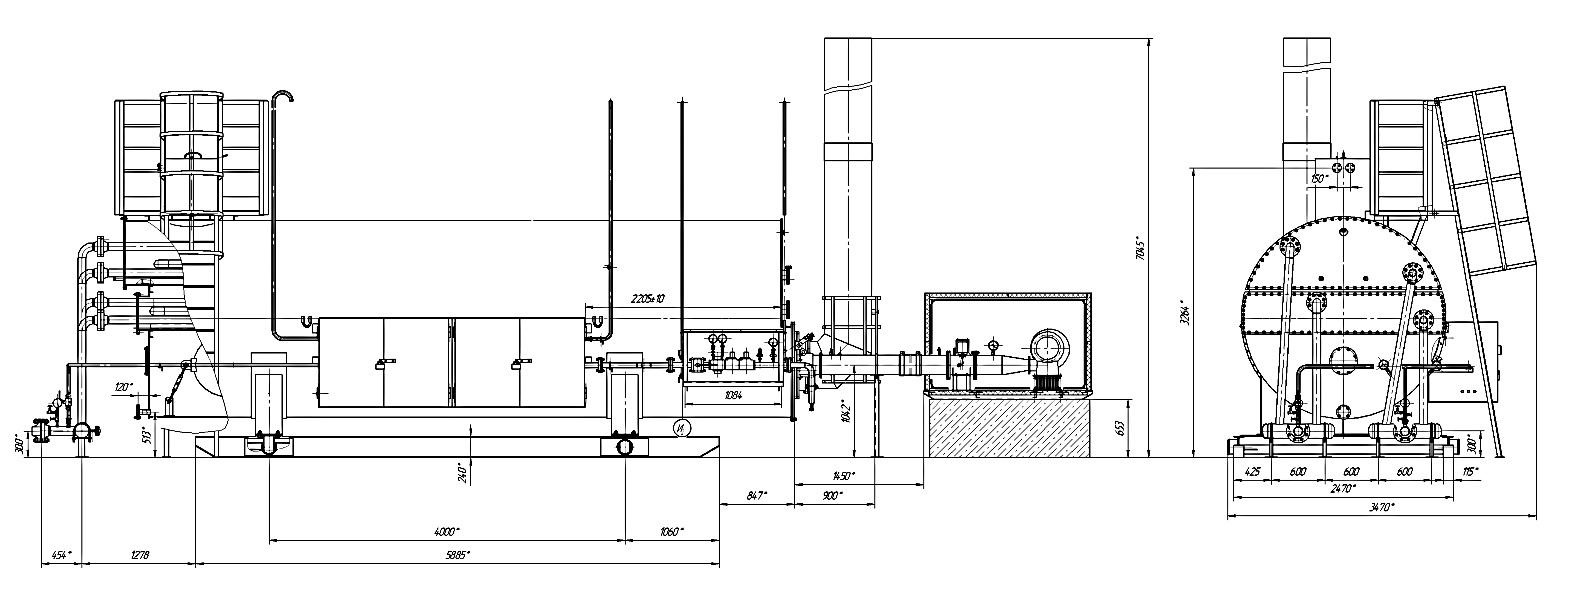 Подогреватель блочный с промежуточным теплоносителем ПБТ-1,6МВ